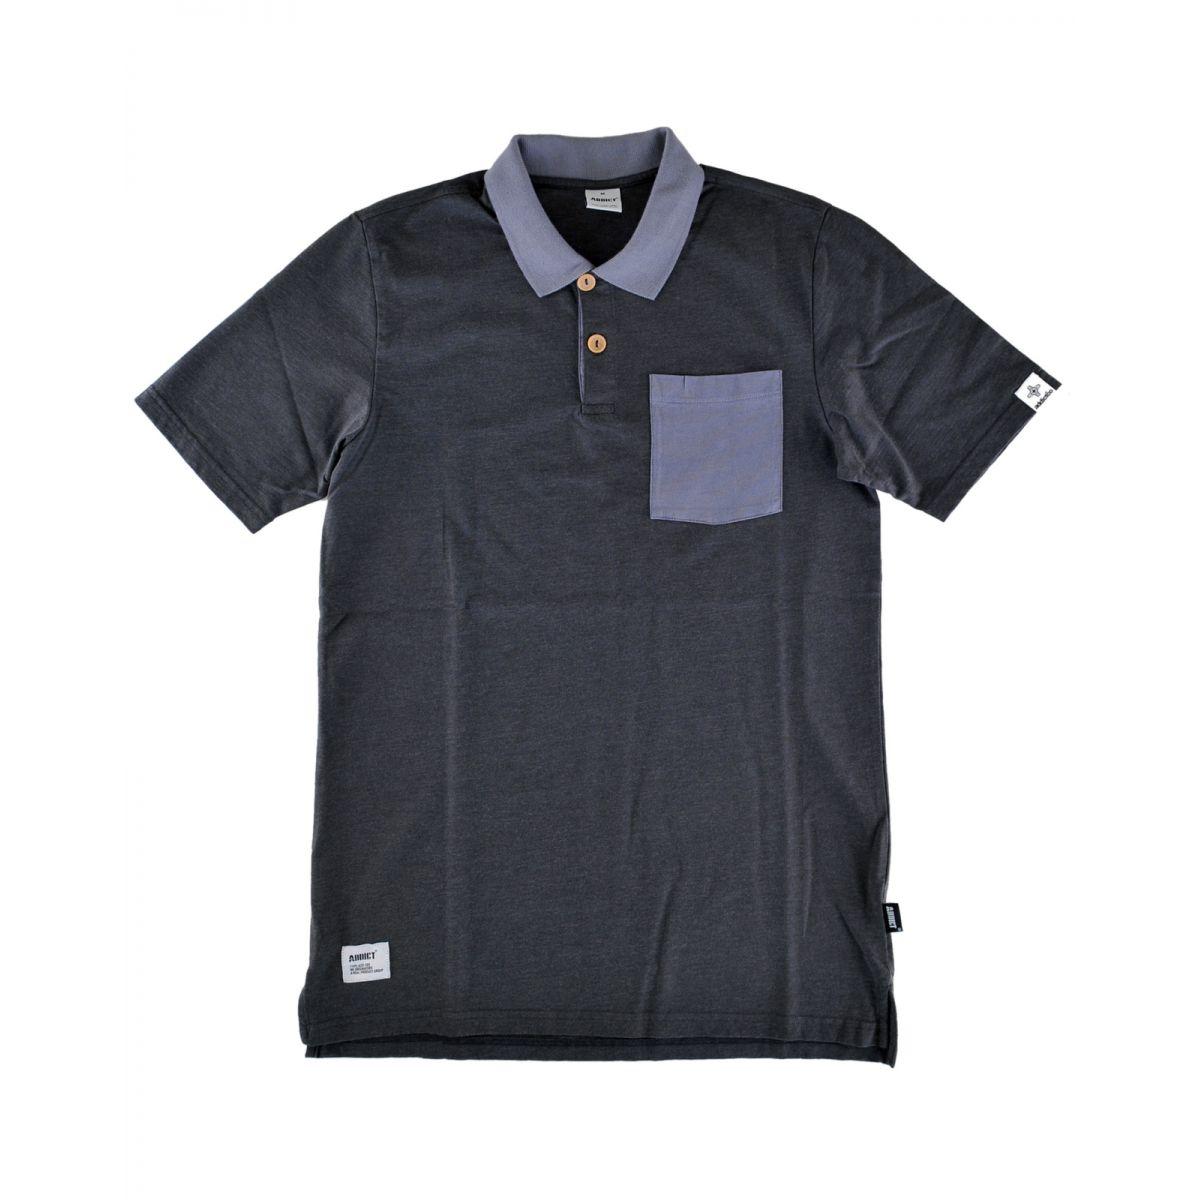 Addict 3 button polo shirts addict for 3 button polo shirts